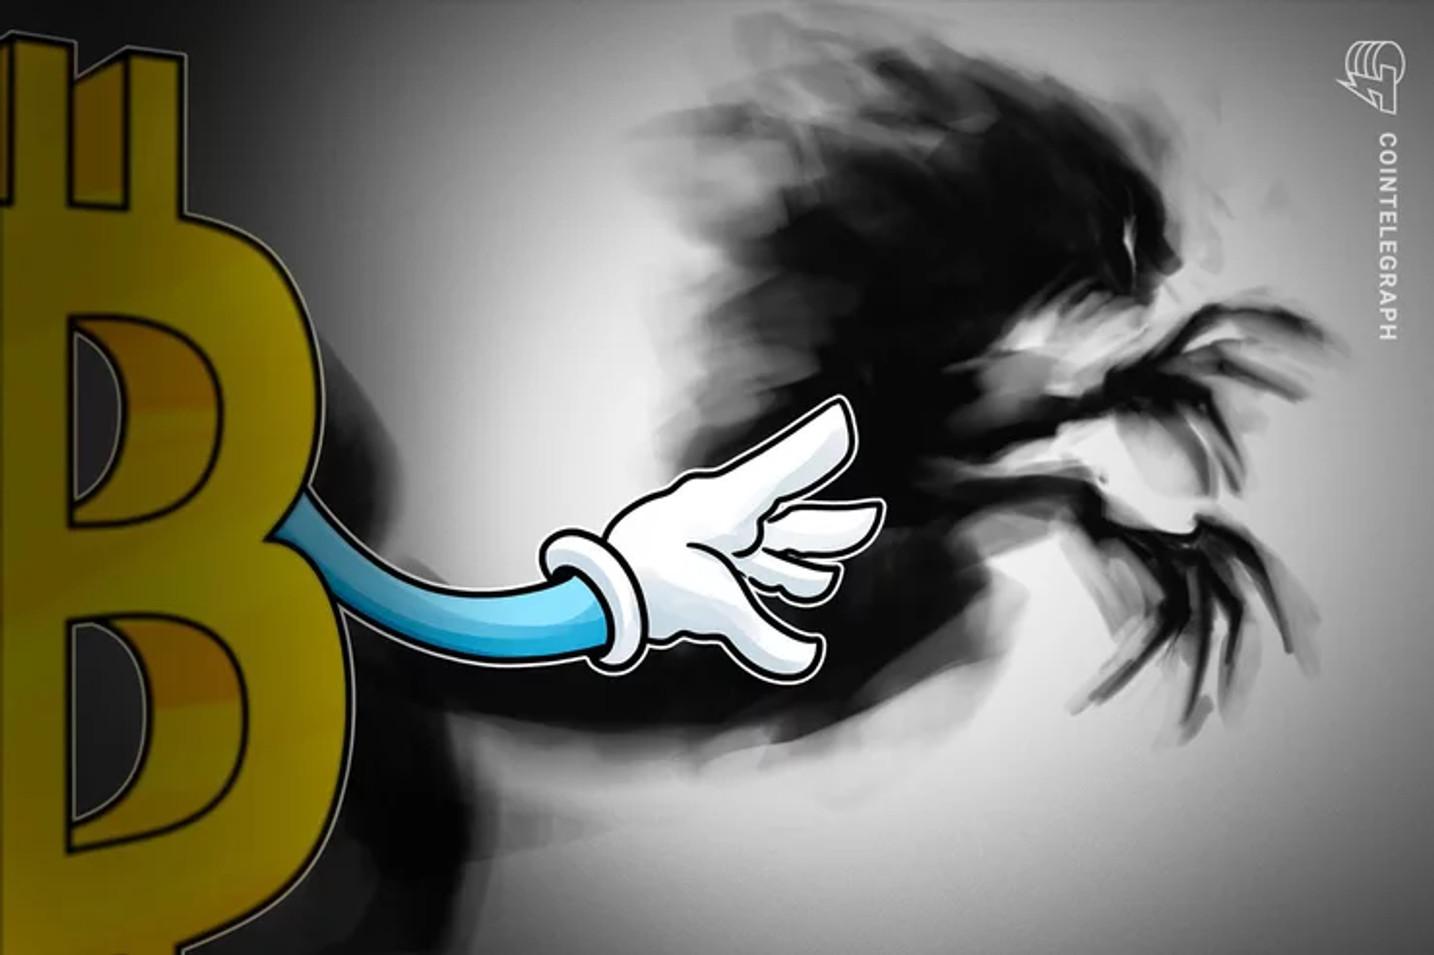 Unick Forex movimentou R$ 28 bilhões e deve R$ 12 bilhões aos clientes segundo Policia Federal